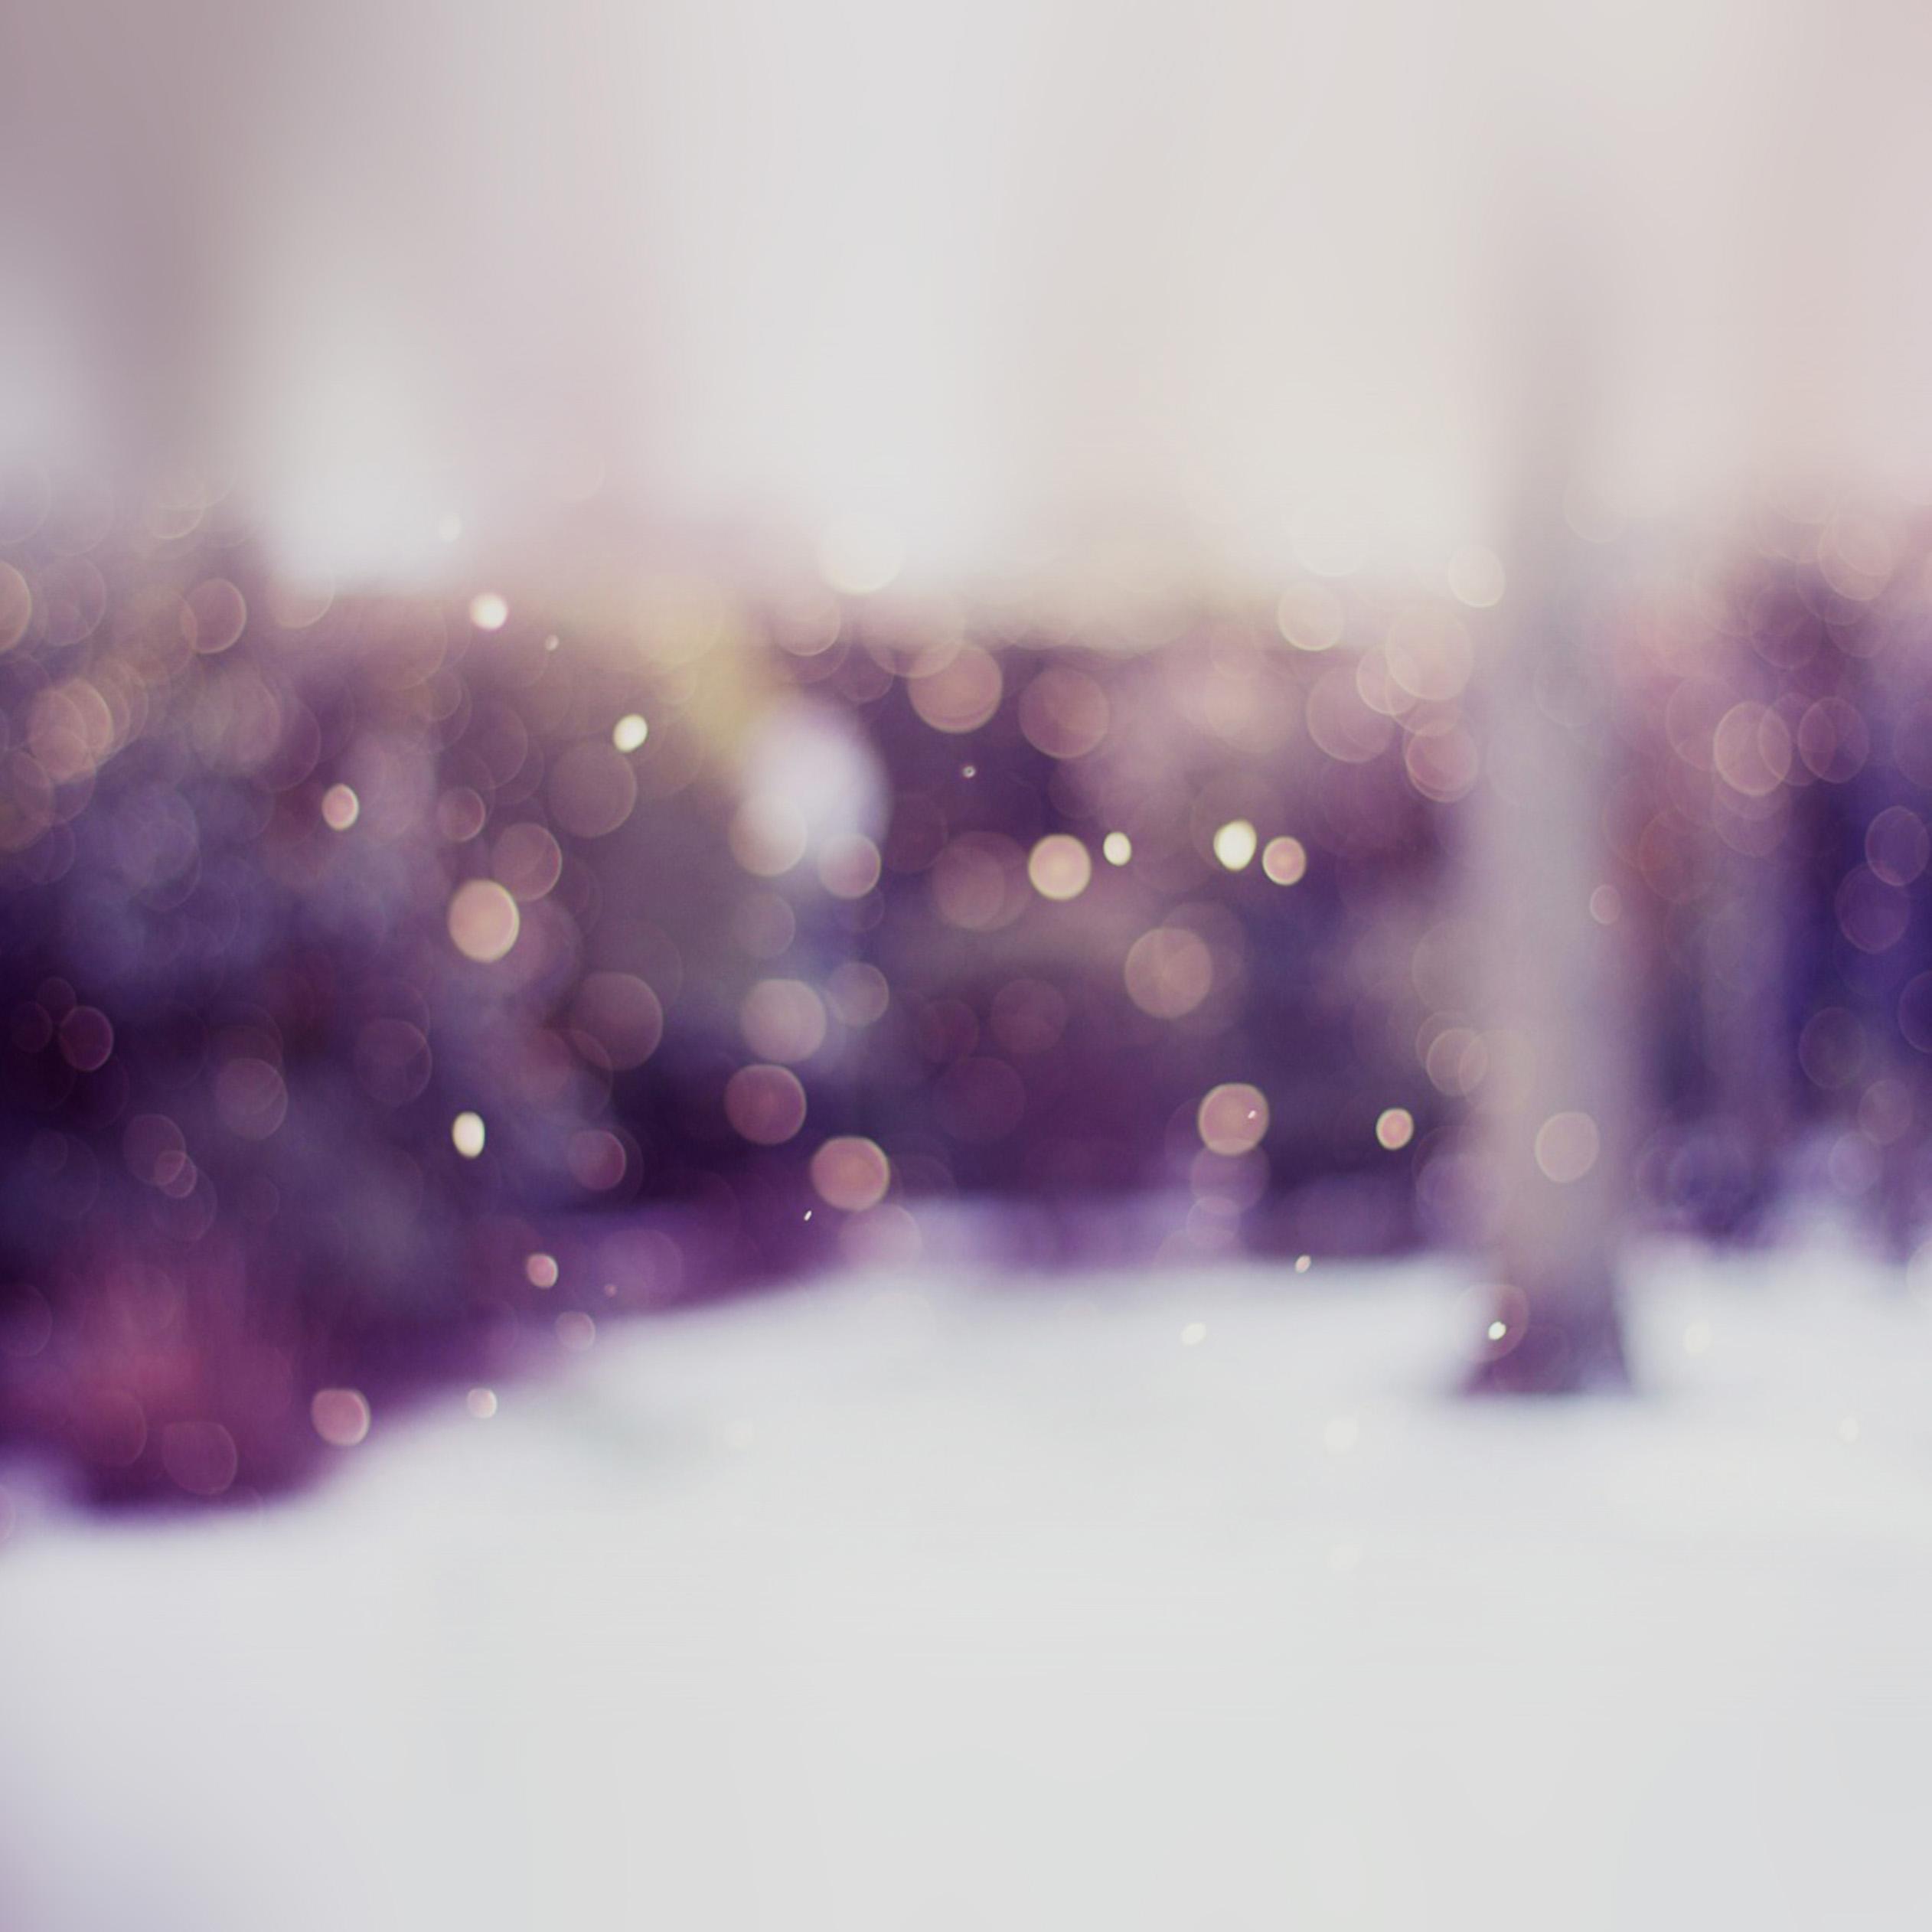 ipad mini wallpaper winter   Wallpapers 2524x2524